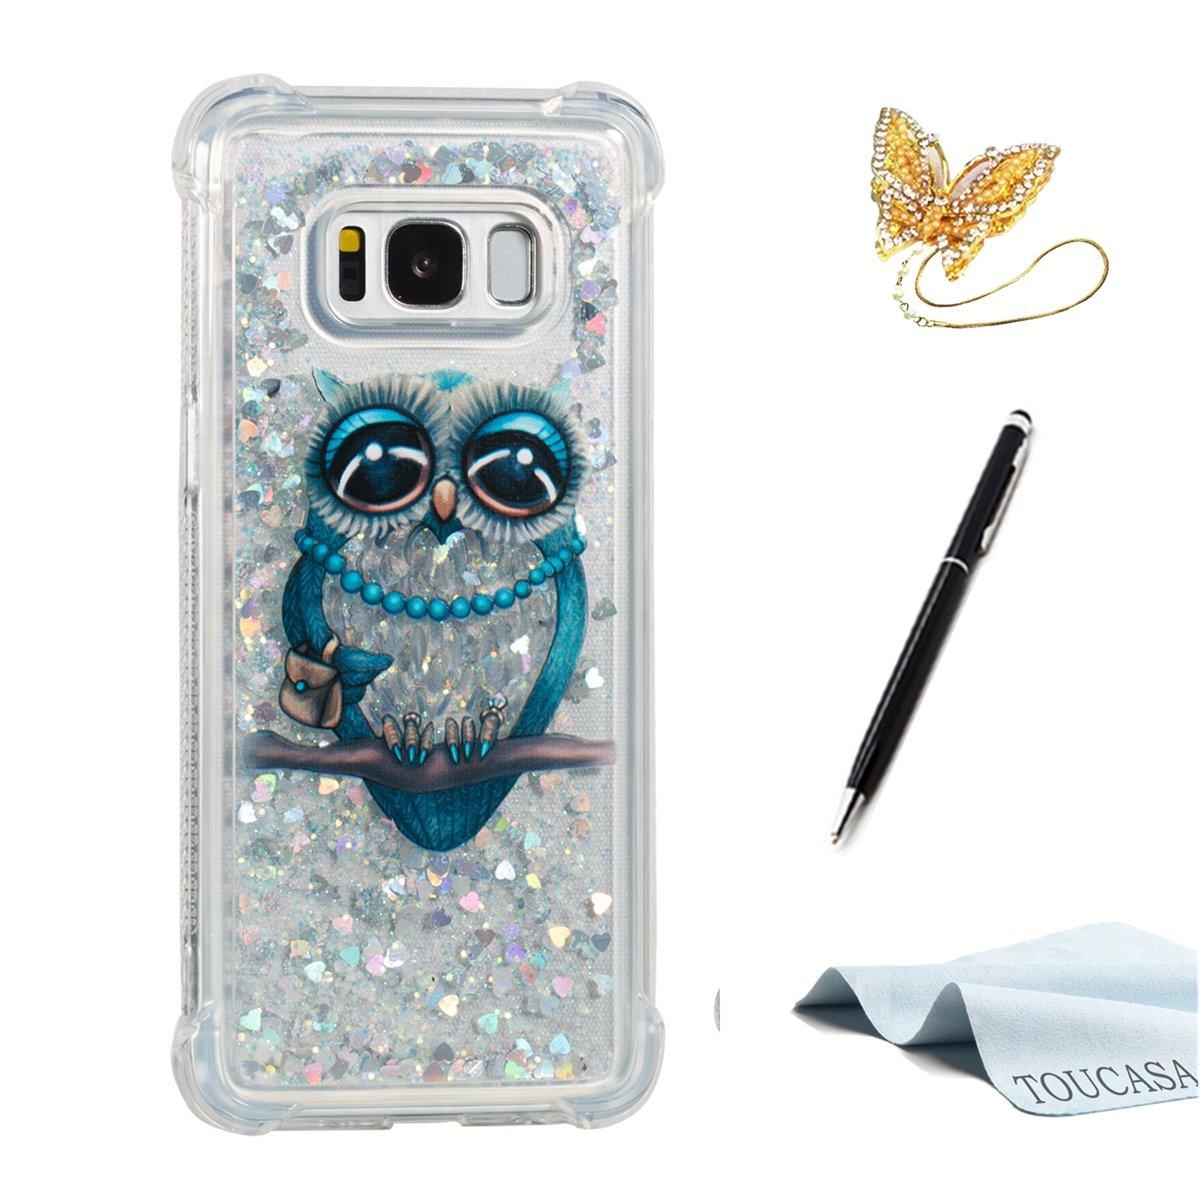 Funda Galaxy S8, TOUCASA Glitter Brillante Liquida Transparente TPU Silicona, Suave Gel Protectora Carcasa, Teléfono Smartphone Funda Móvil Case Líquido Quicksand Shock-Absorción Anti-arañazos Brillante Case Cover para Samsung Galaxy S8-Color Diamante LIUT